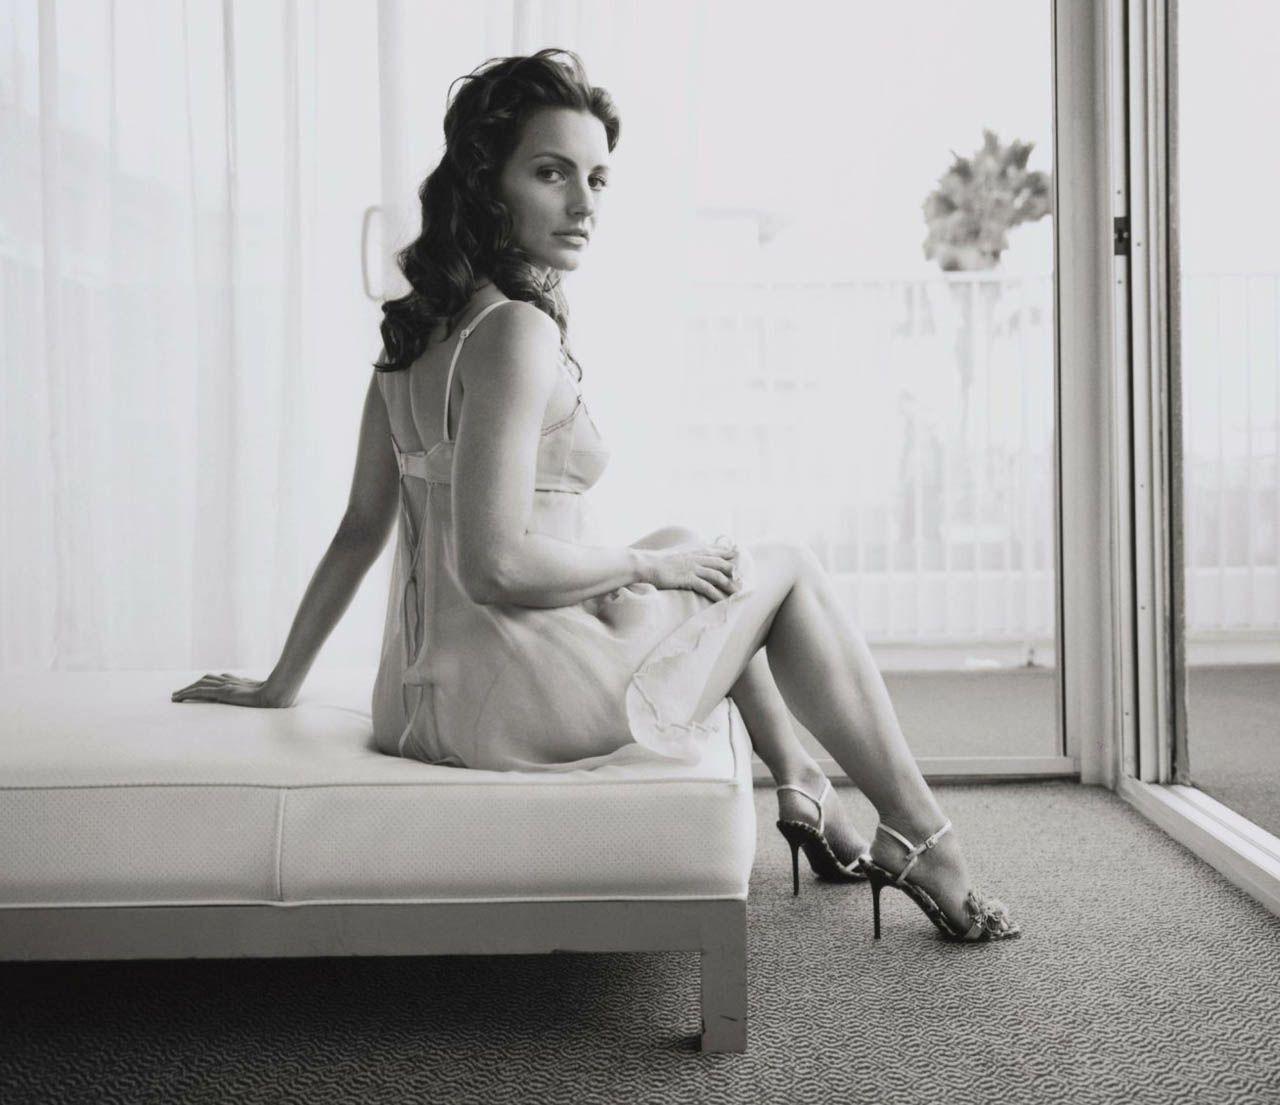 Kristin Davis Hot Photo, Kristin Davis Paparazzi Pics -6720